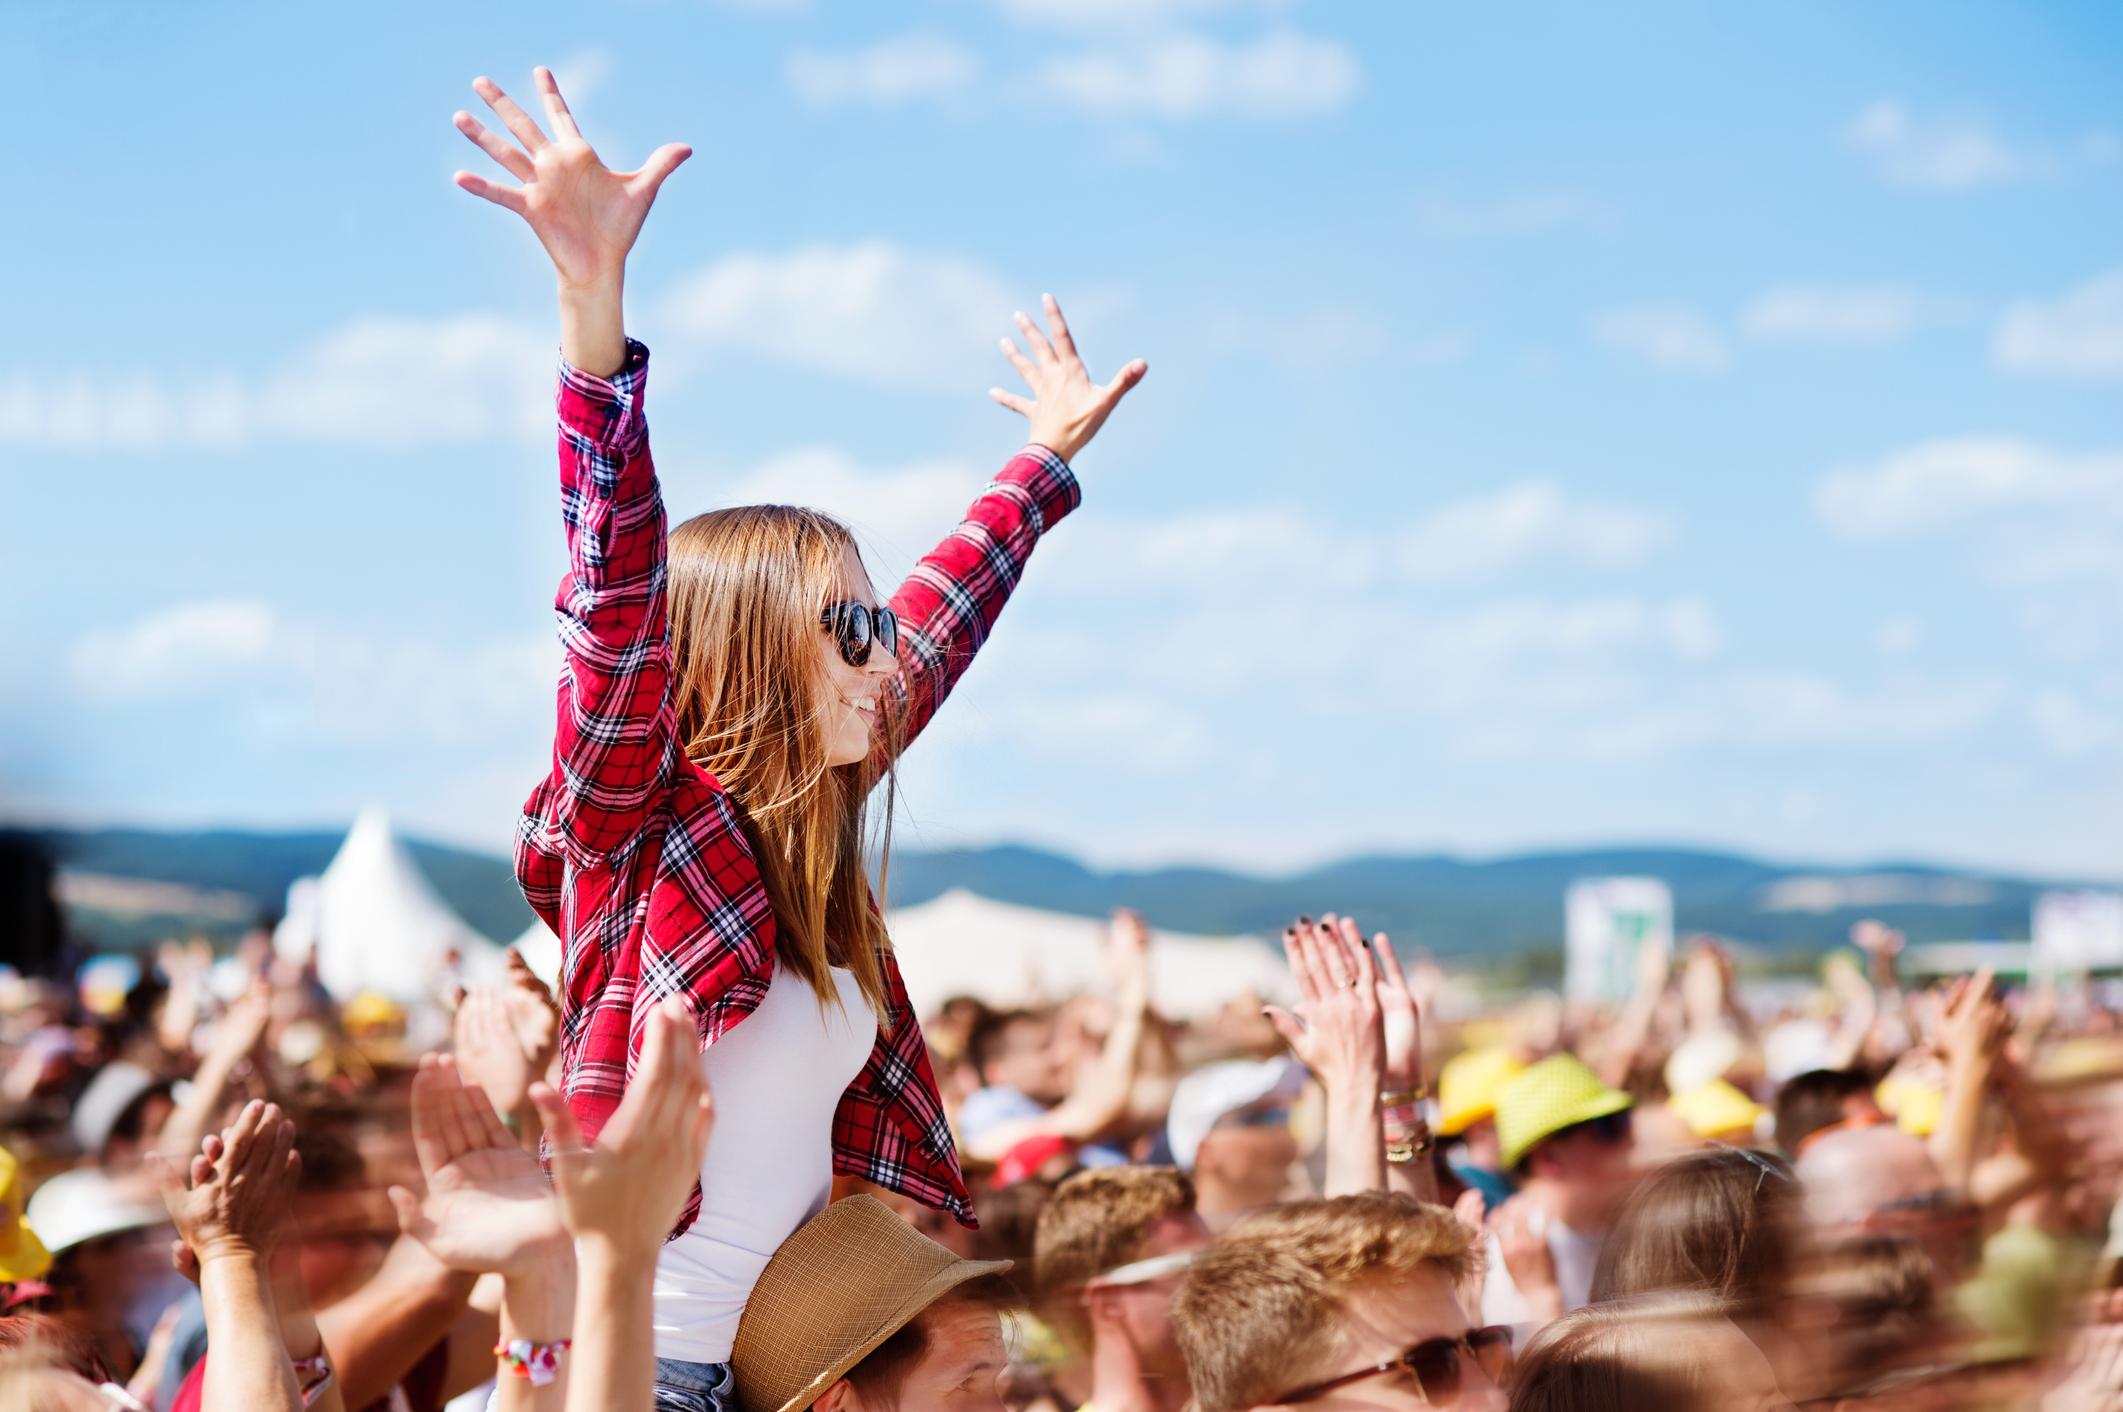 festivals in miami